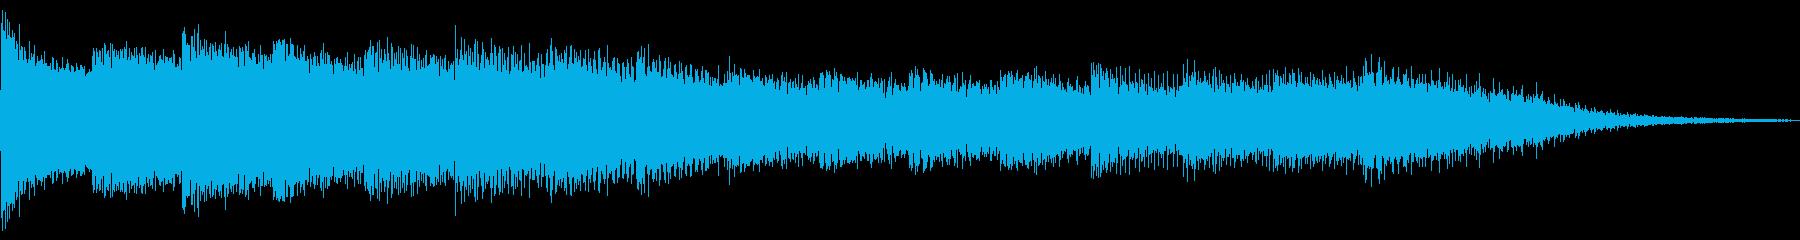 システムダウンシステムエラー停止故障バグの再生済みの波形